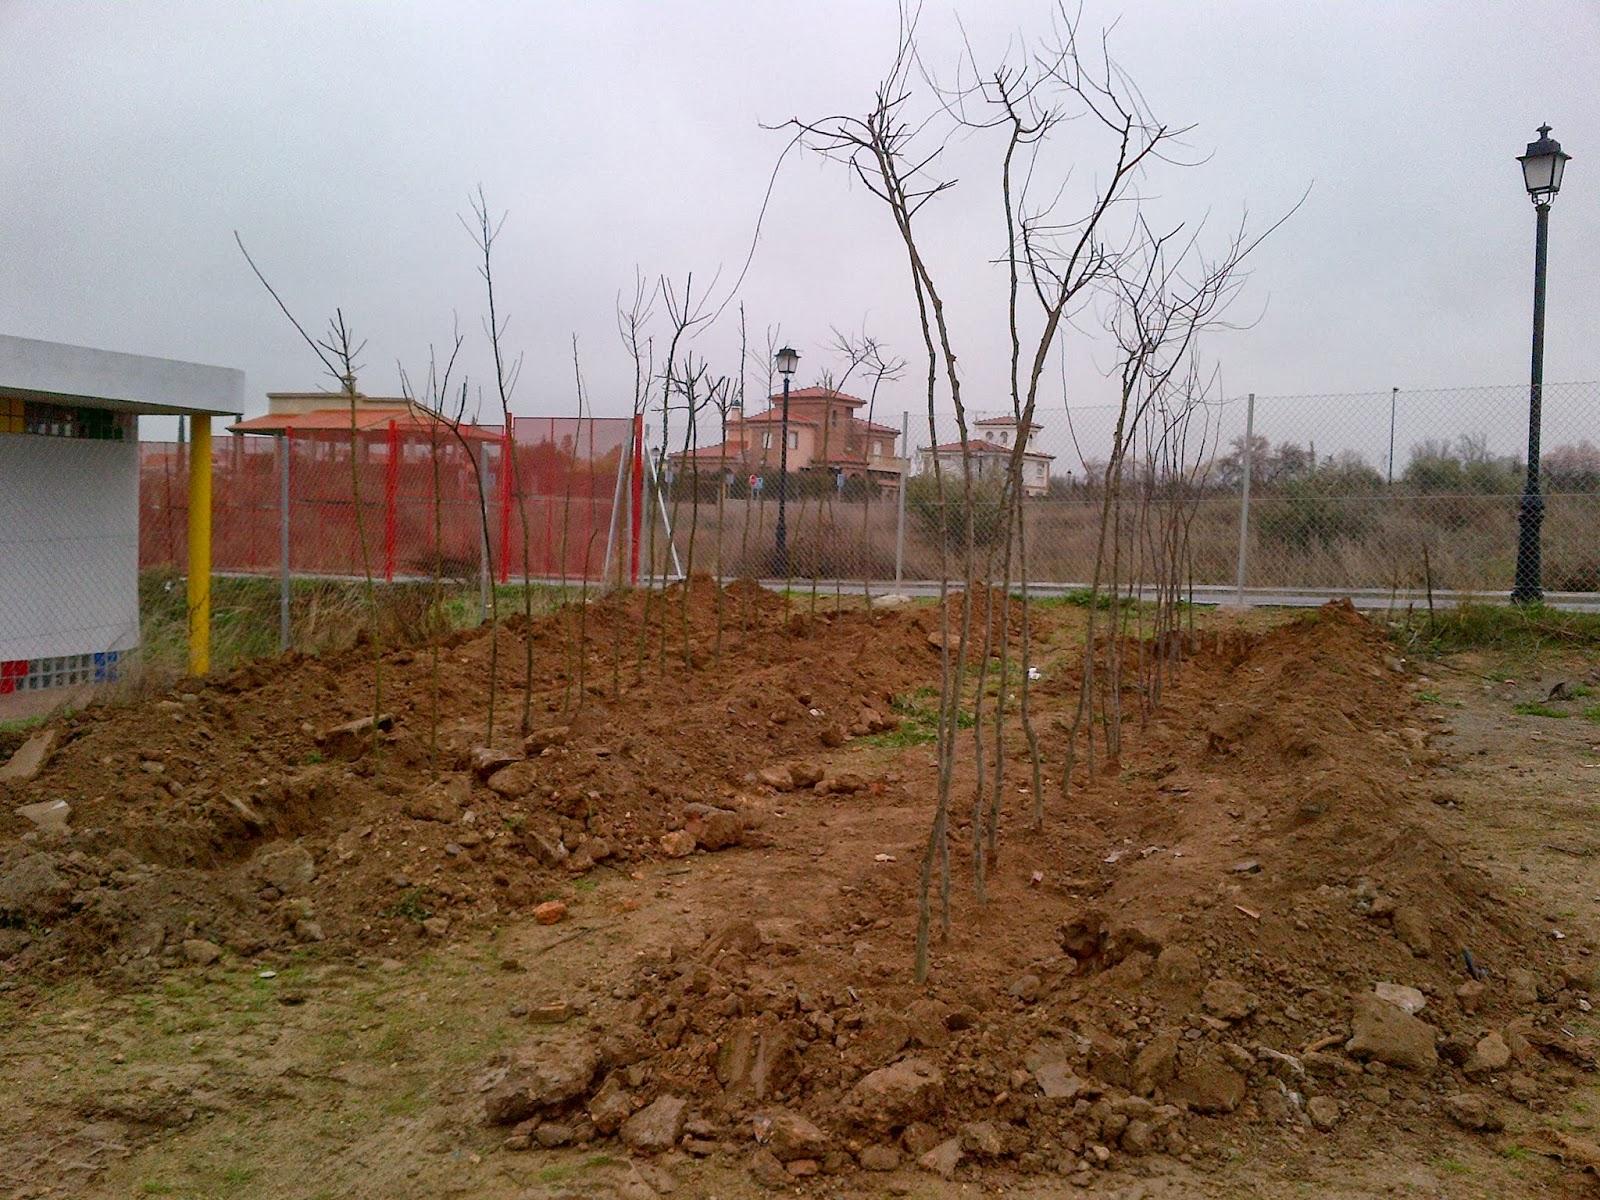 parques y jardines de ogijares proyecto vivero municipal On proyecto de vivero municipal